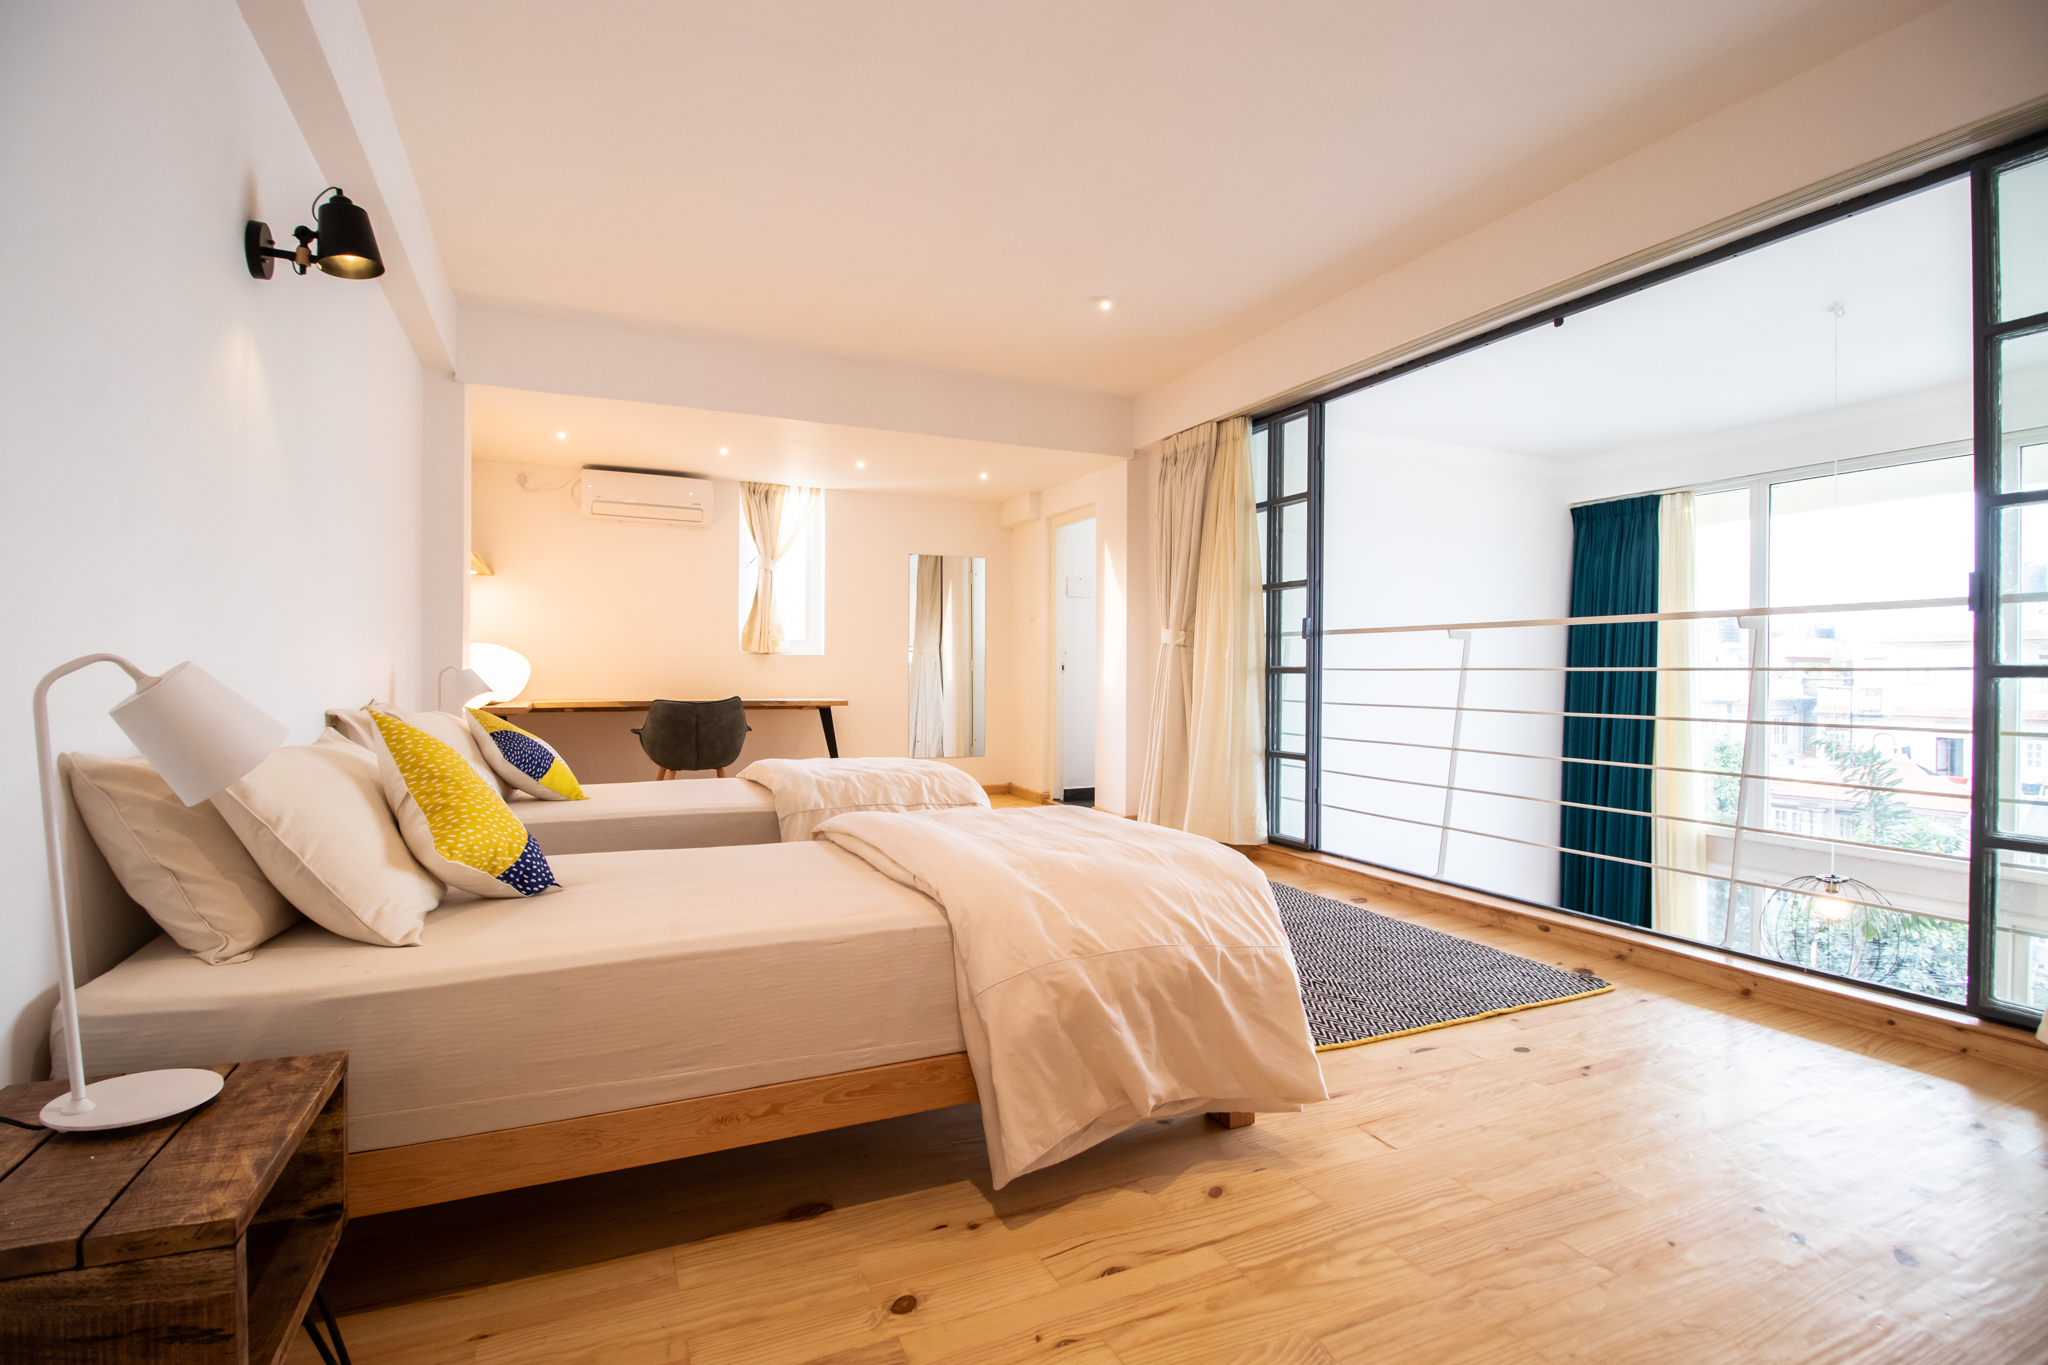 Twin bedroom on the second floor.